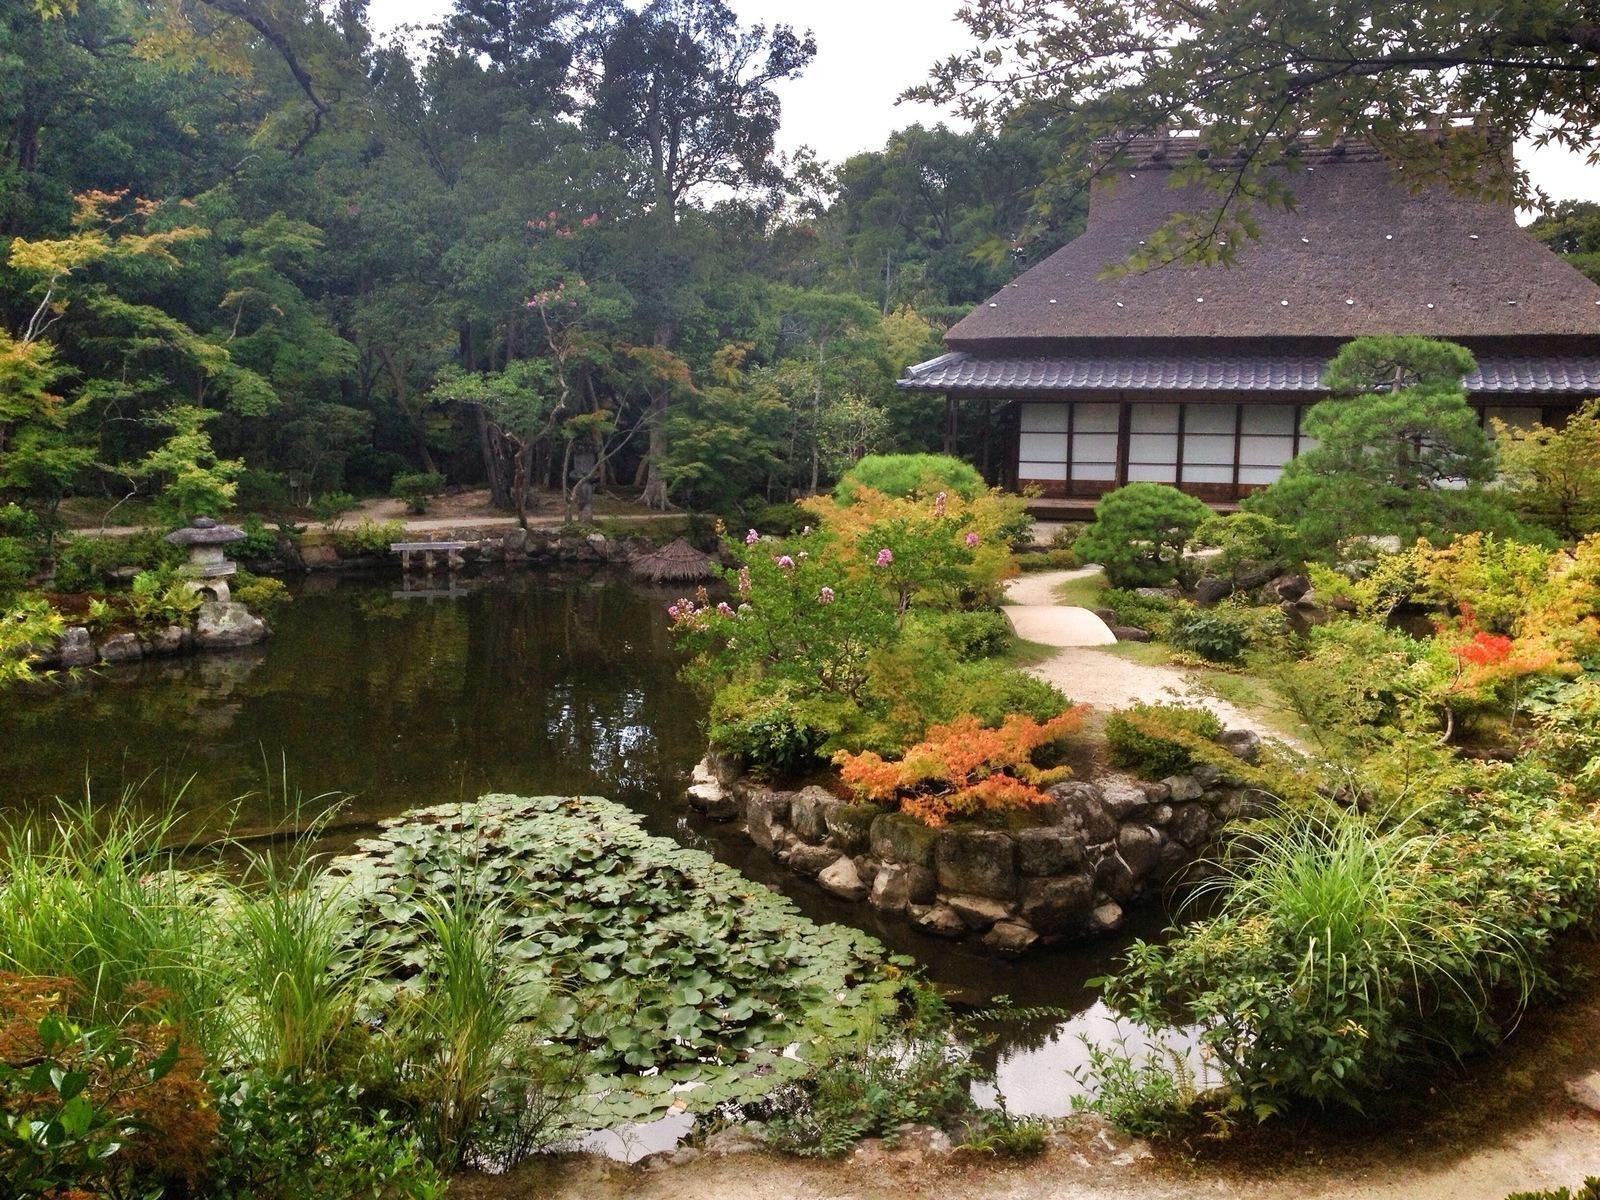 Japonia – jak zorganizować wyjazd #3: co spakować doJaponii